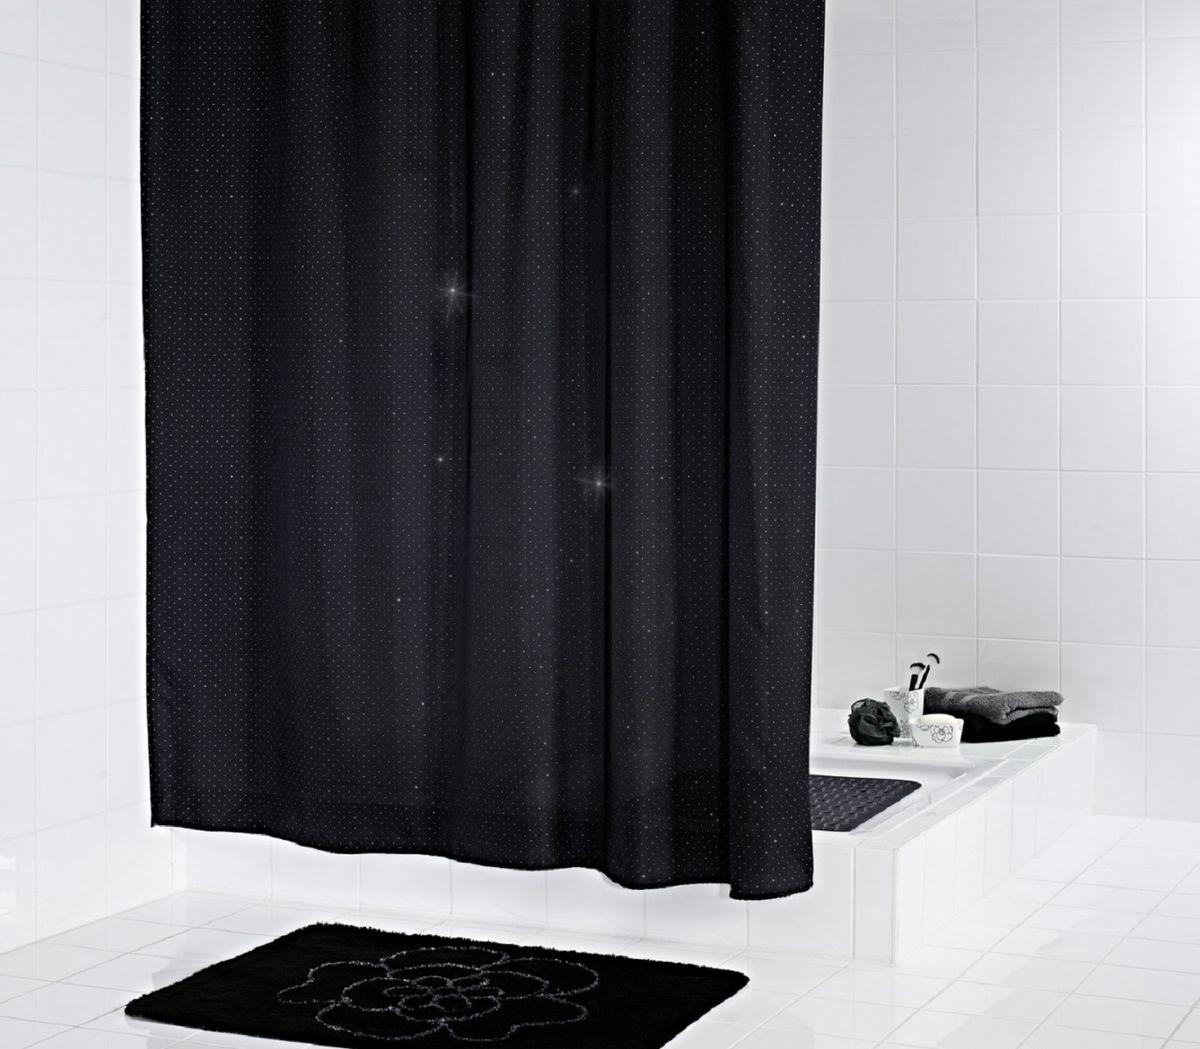 Штора для ванной комнаты Ridder Diamond, 180 х 200 см391602Высококачественная немецкая шторка Ridder Diamond создаст прекрасное настроение в ванной комнате. Данное изделие имеет антигрибковое, водоотталкивающее и антистатическое покрытие и утяжеленный нижний кант. Машинная стирка. Глажка при низкой температуре.